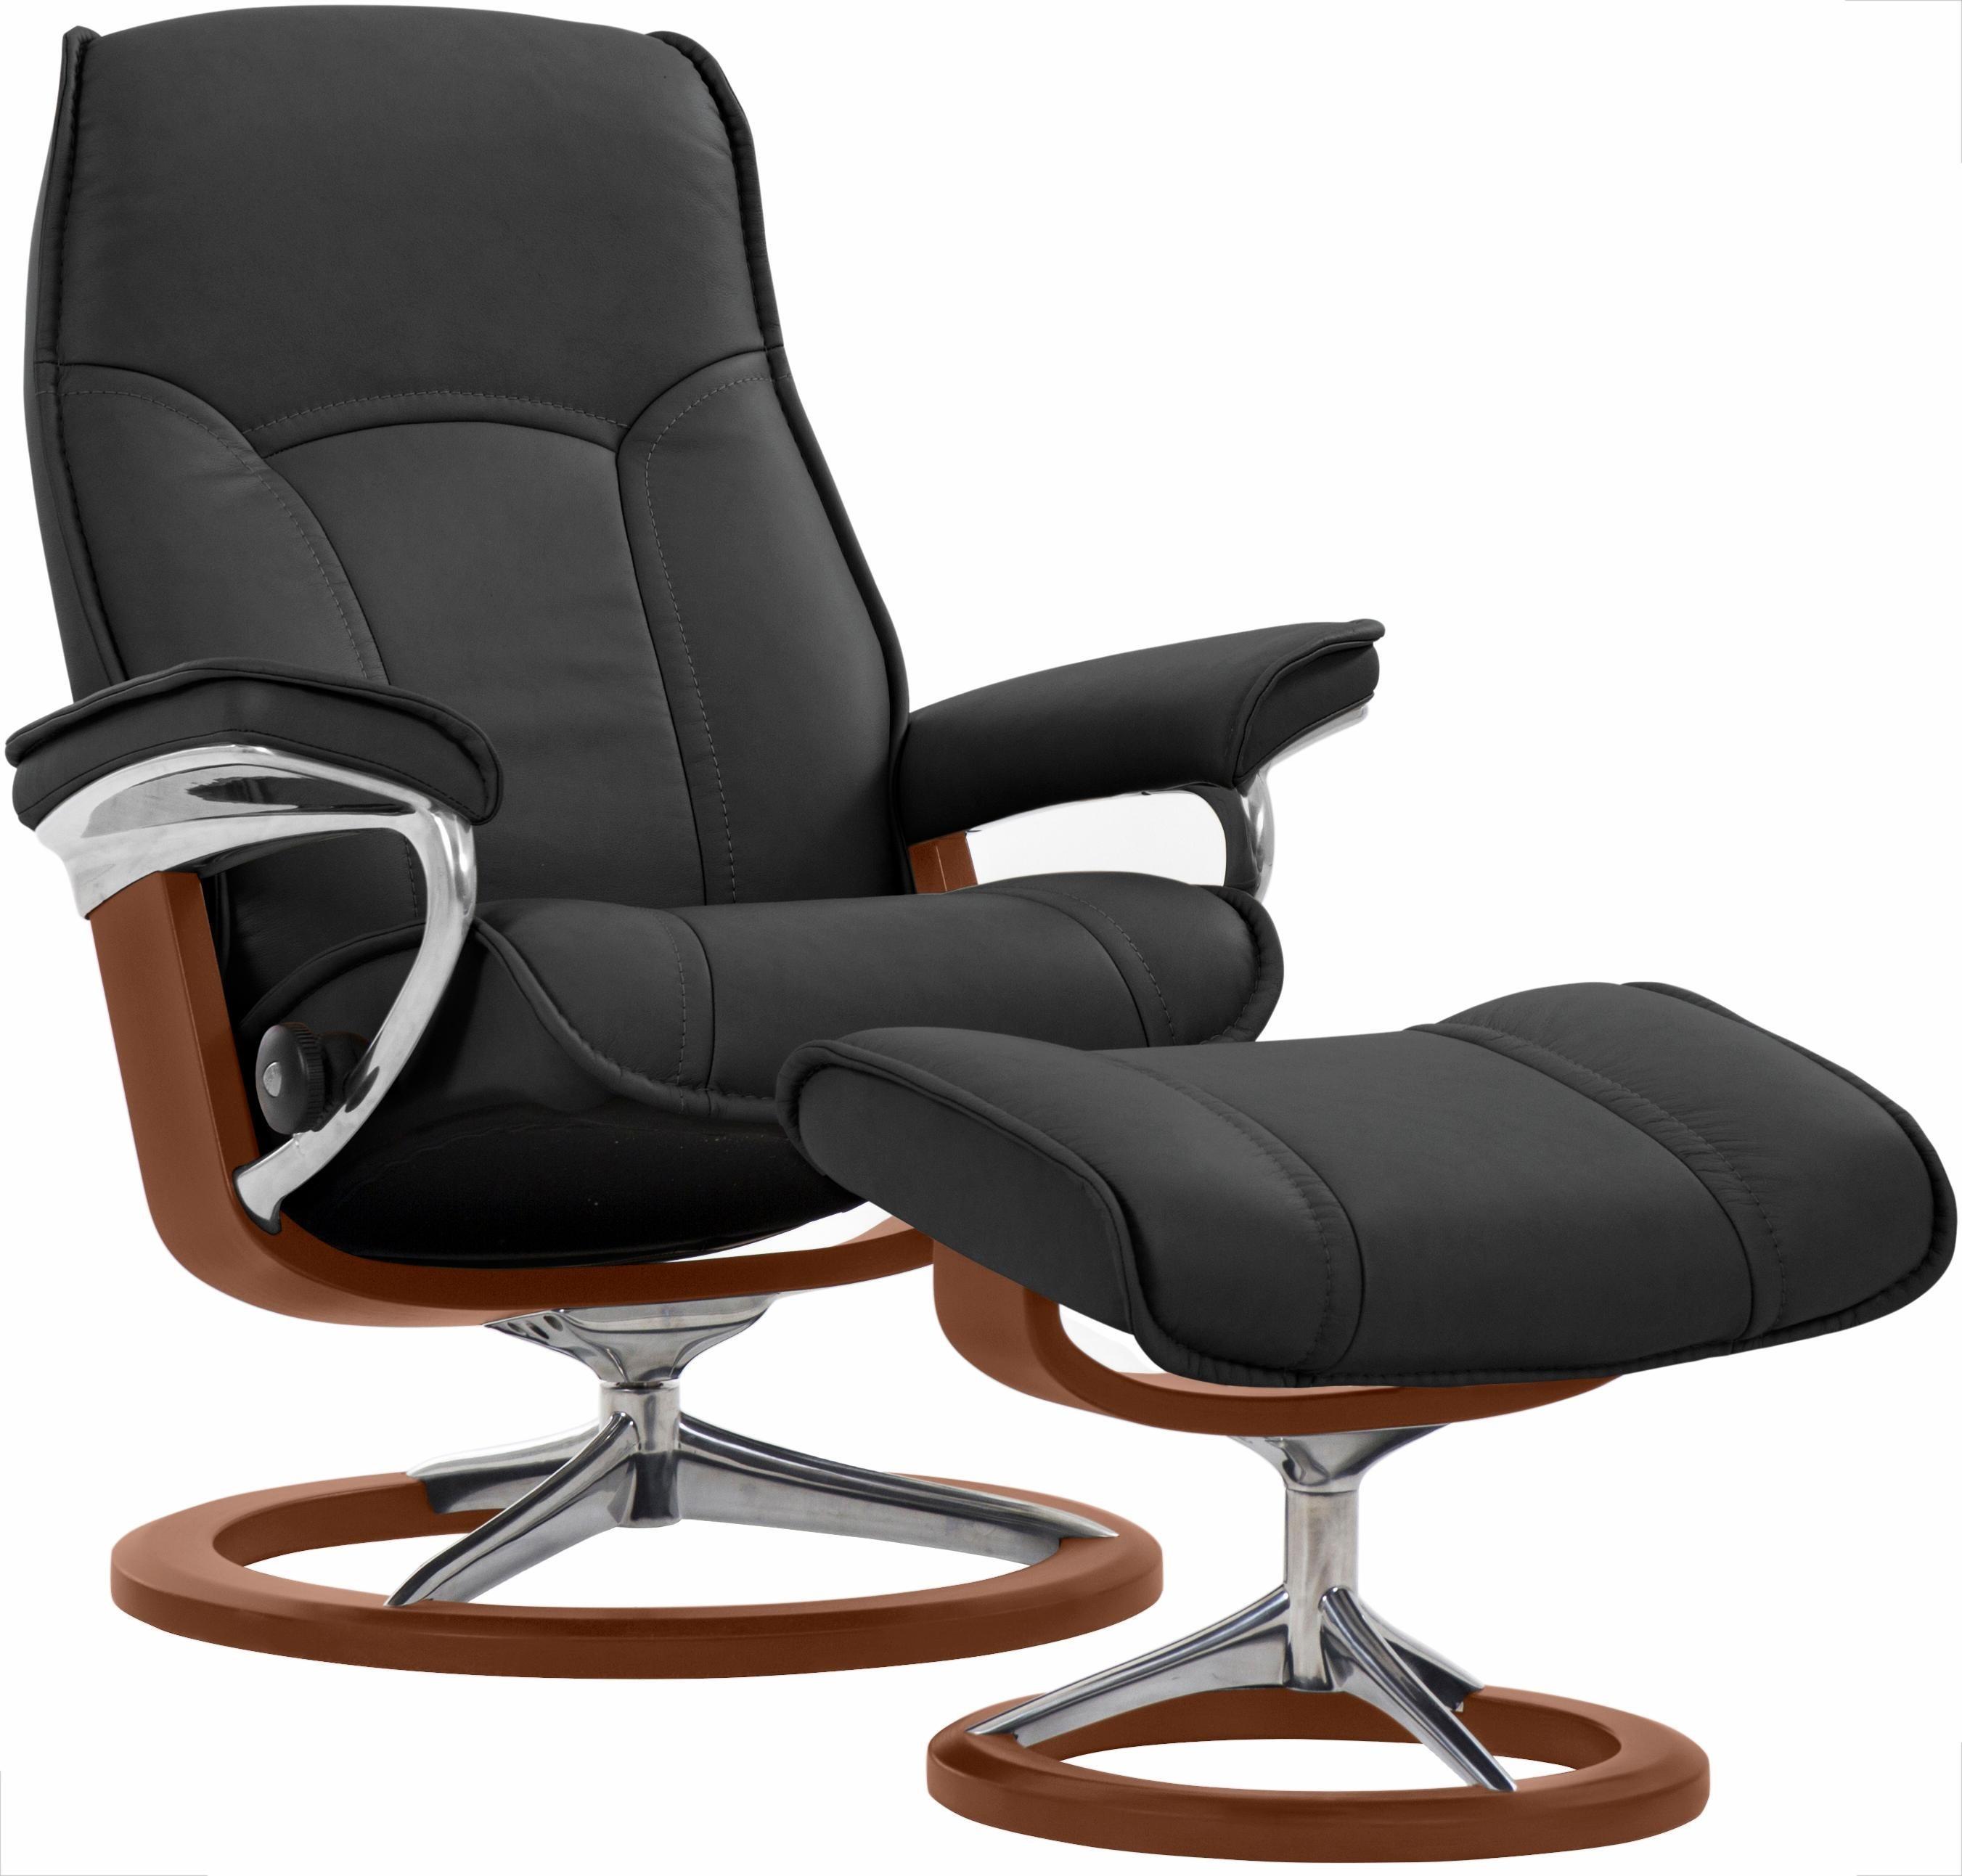 braun-schaumstoff Relaxsessel online kaufen | Möbel-Suchmaschine ...